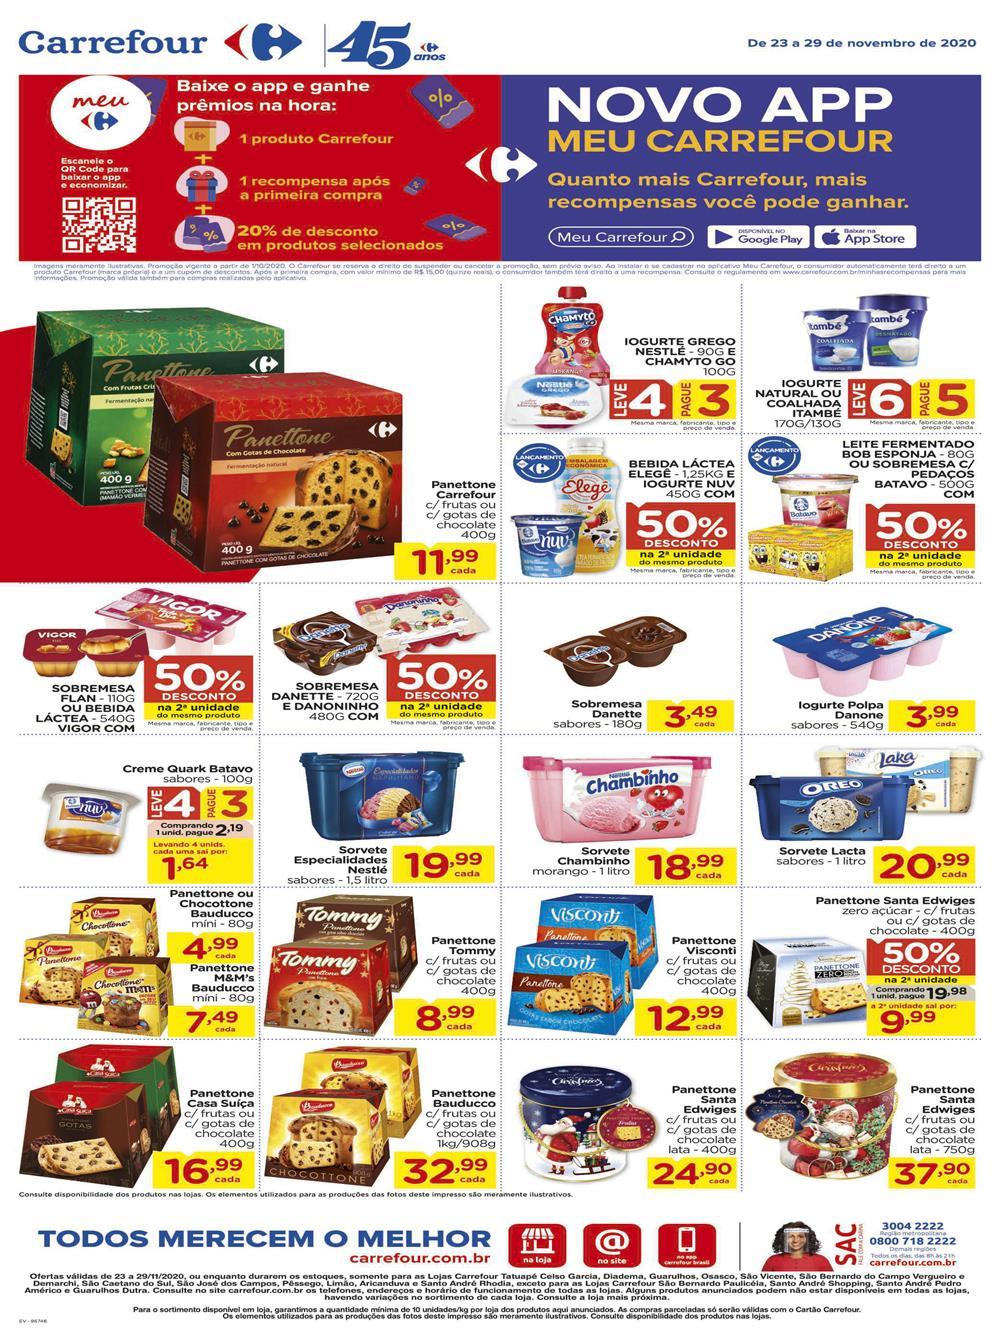 carrefour-ofertas-descontos-hoje5-5 Carrefour até 29/11